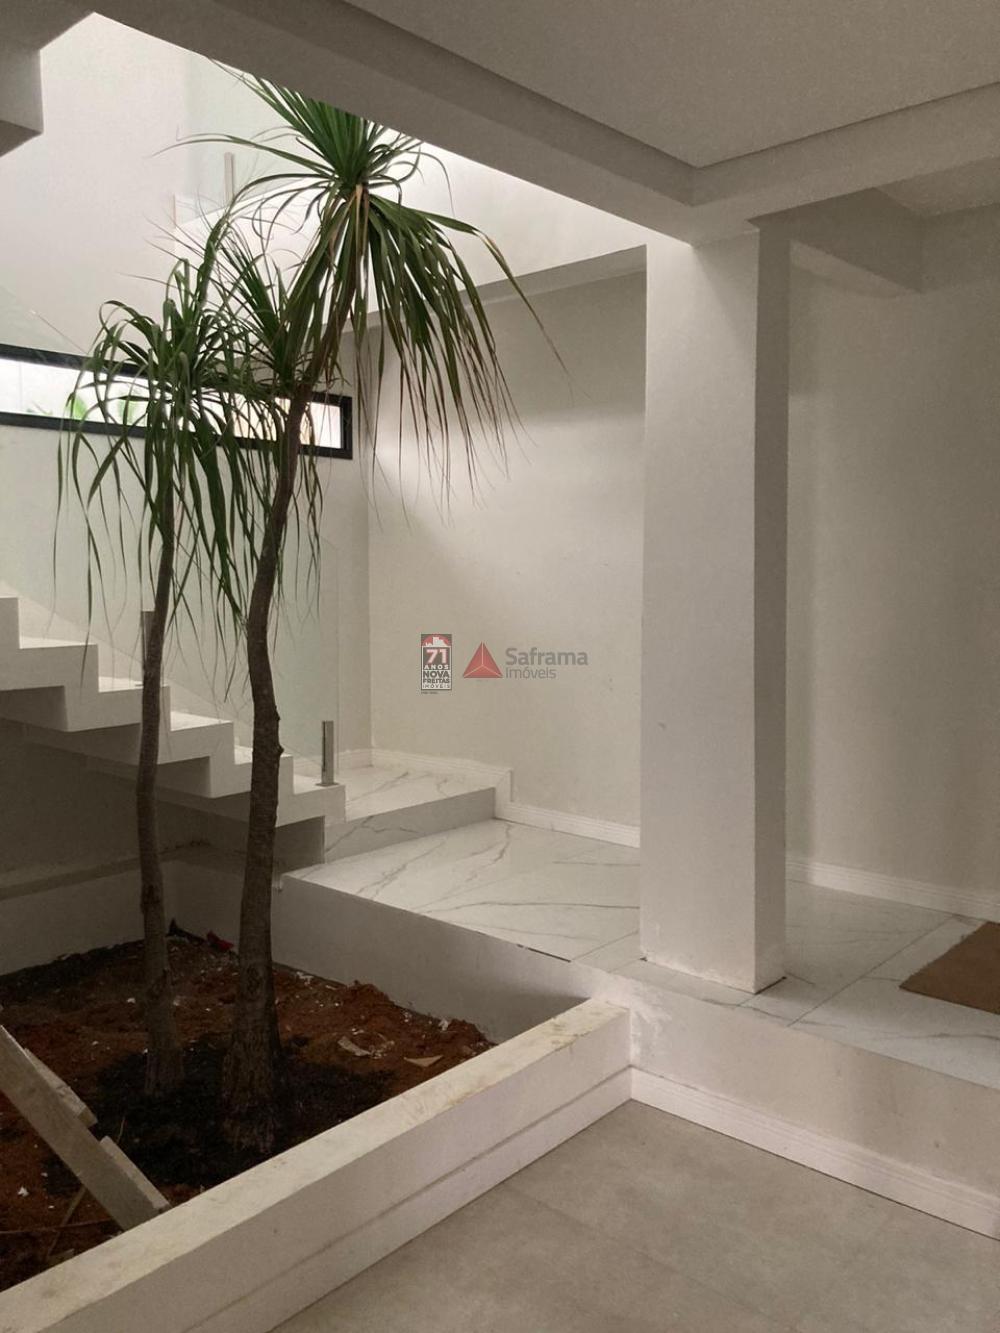 Comprar Casa / Sobrado em Condomínio em São José dos Campos apenas R$ 3.000.000,00 - Foto 15